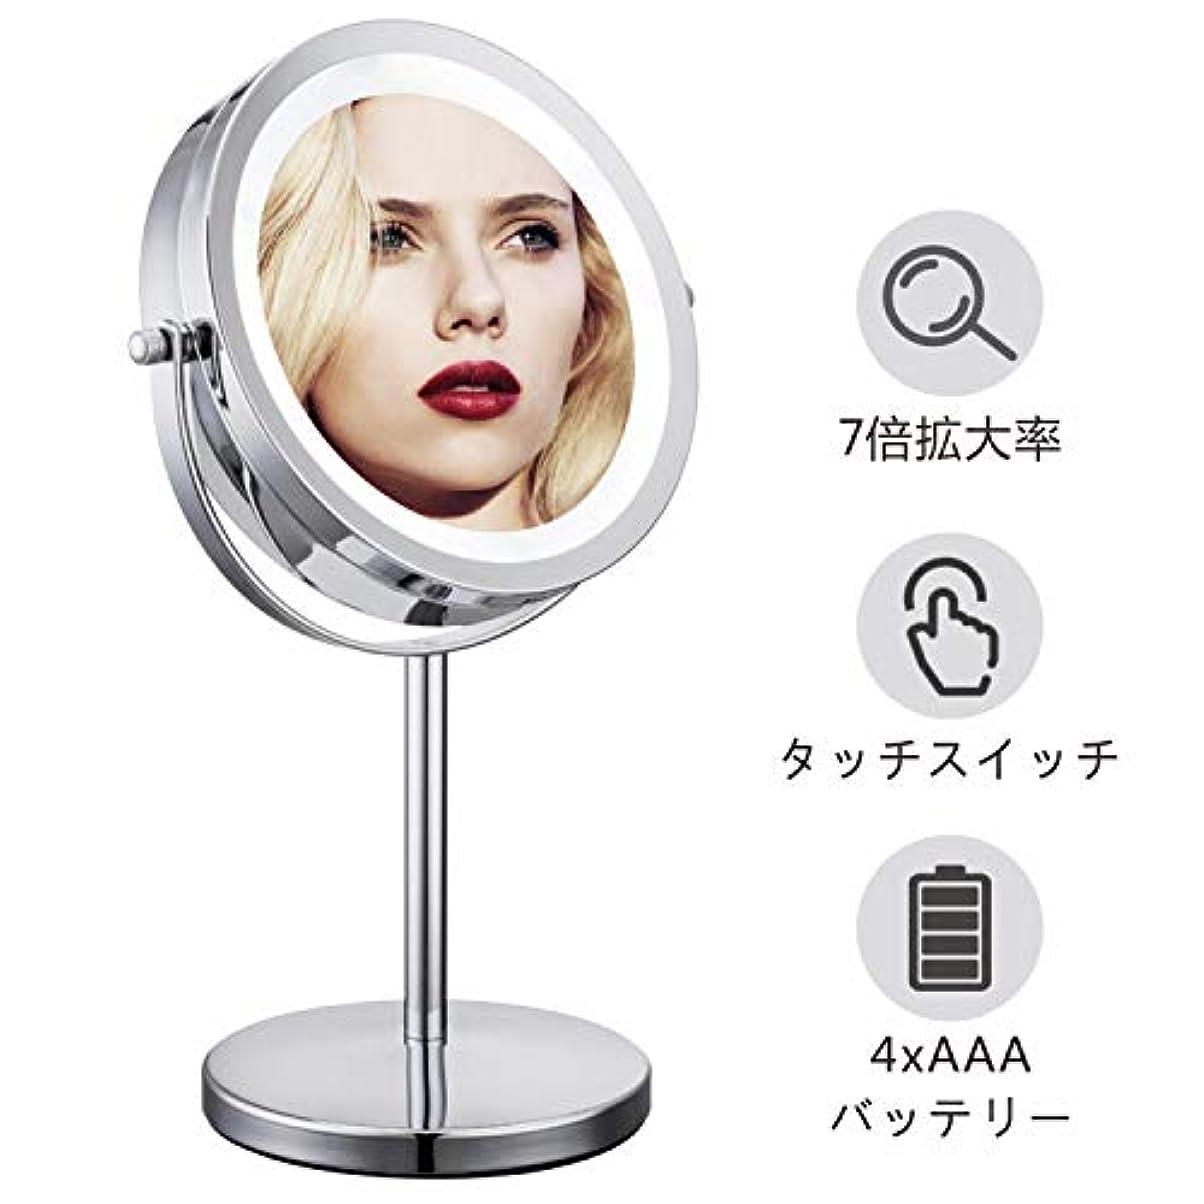 導体シールド覆すMinracler 化粧鏡 7倍拡大 卓上 化粧ミラー led両面鏡 明るさ調節可能 360度回転 (鏡面155mmΦ) 電池給電